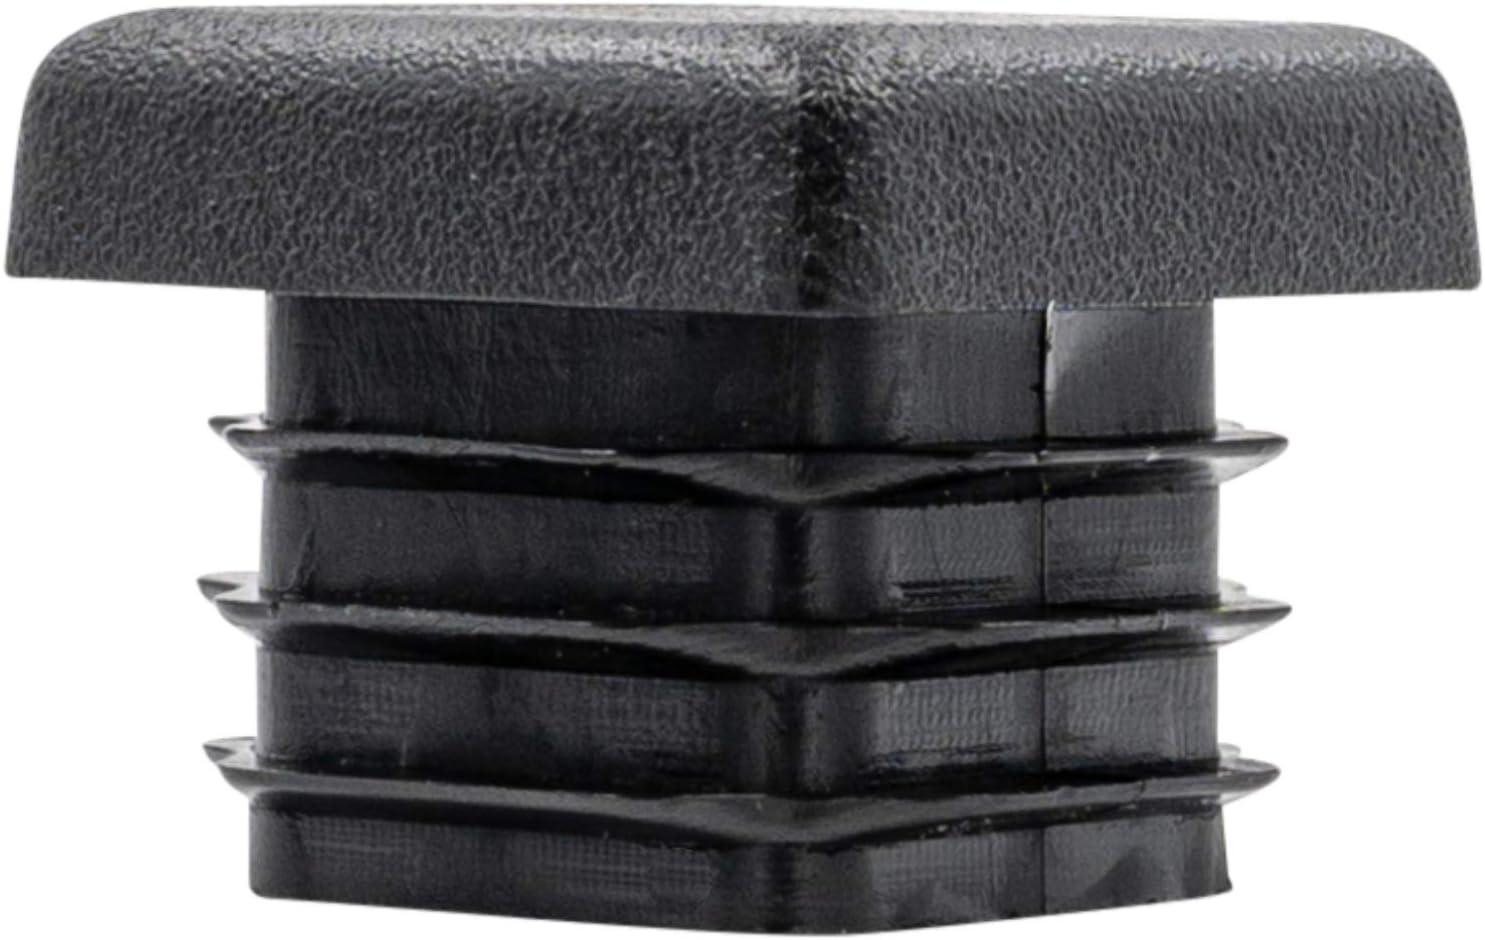 10 St/ück Rohrstopfen Lamellenstopfen Pfostenstopfen Fu/ßkappen Rohrabdeckung schwarz aus hochwertigem Polyethylen Kunststoff f/ür Quadratrohr 20x20 mm Lamellen f/ür Vierkantrohr